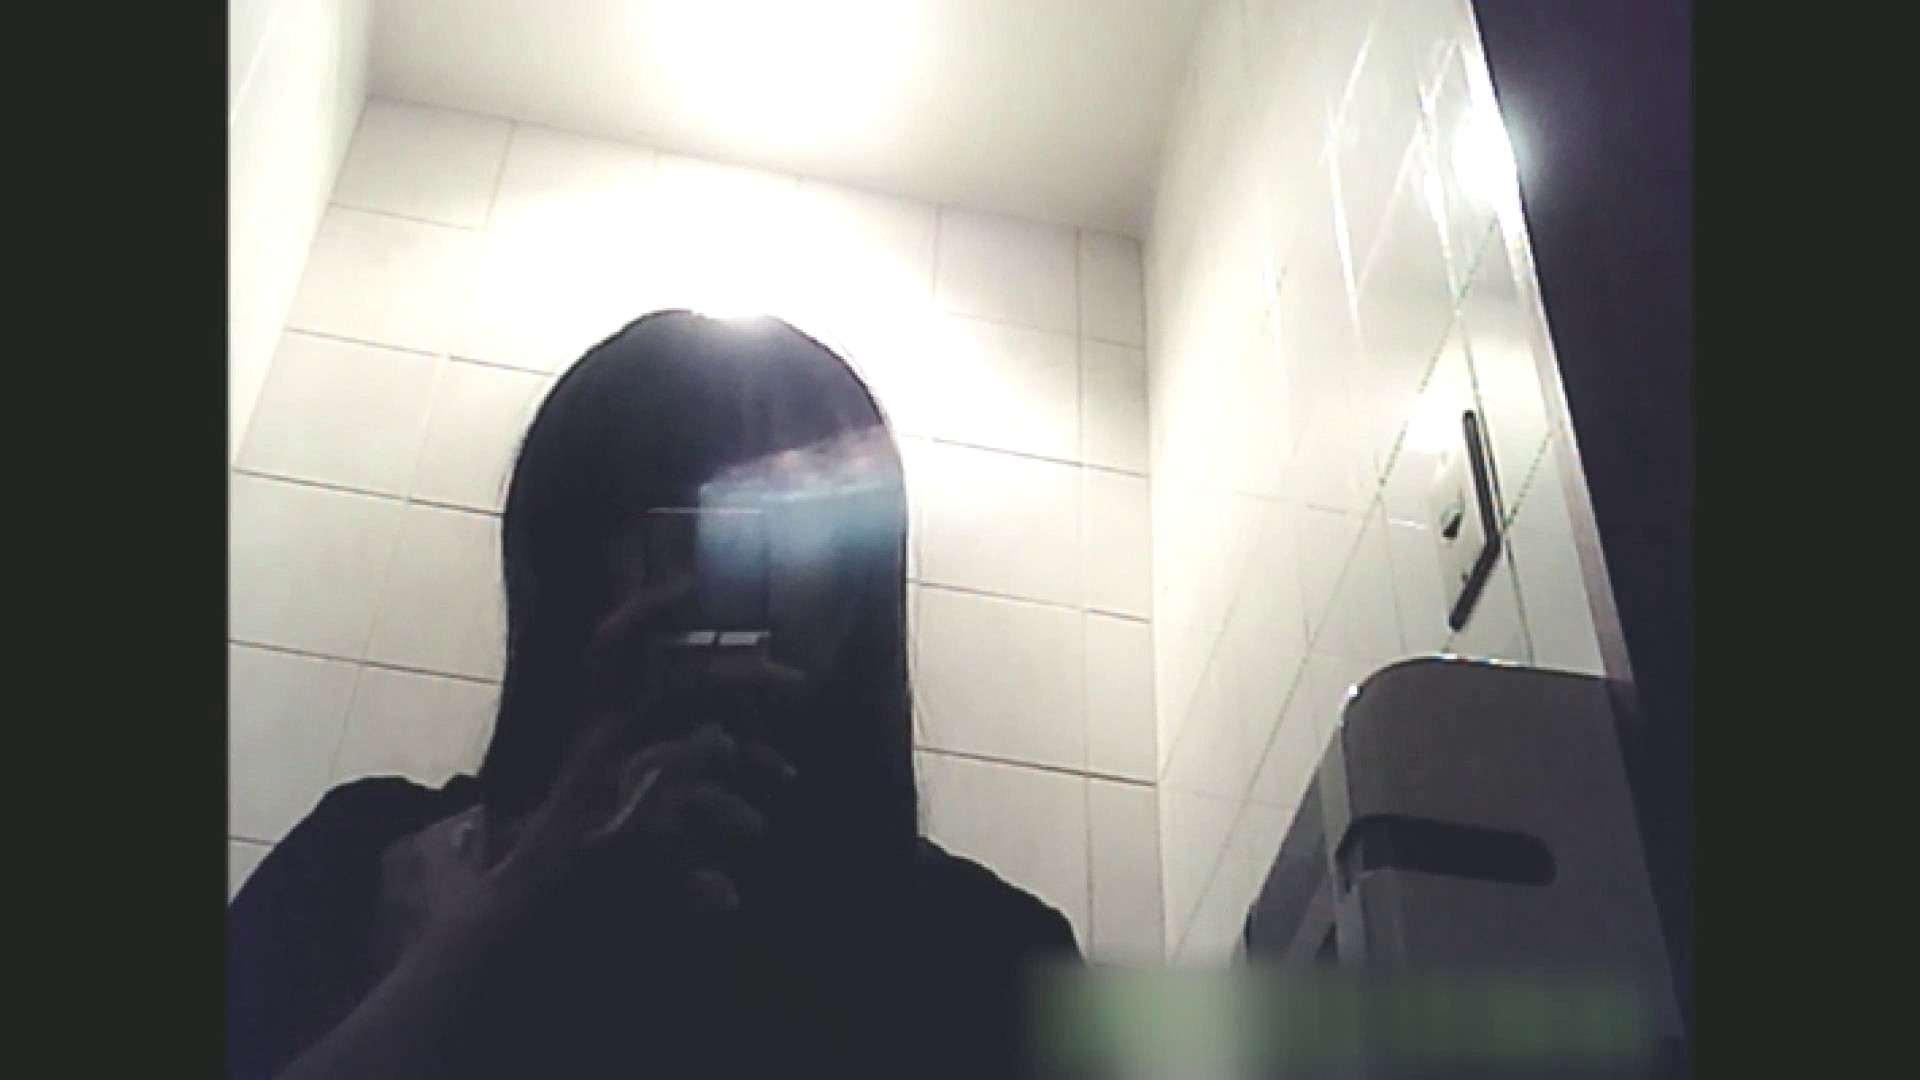 実録!!綺麗なお姉さんのトイレ事情・・・。vol.4 美女のヌード | エロティックなOL  105画像 25